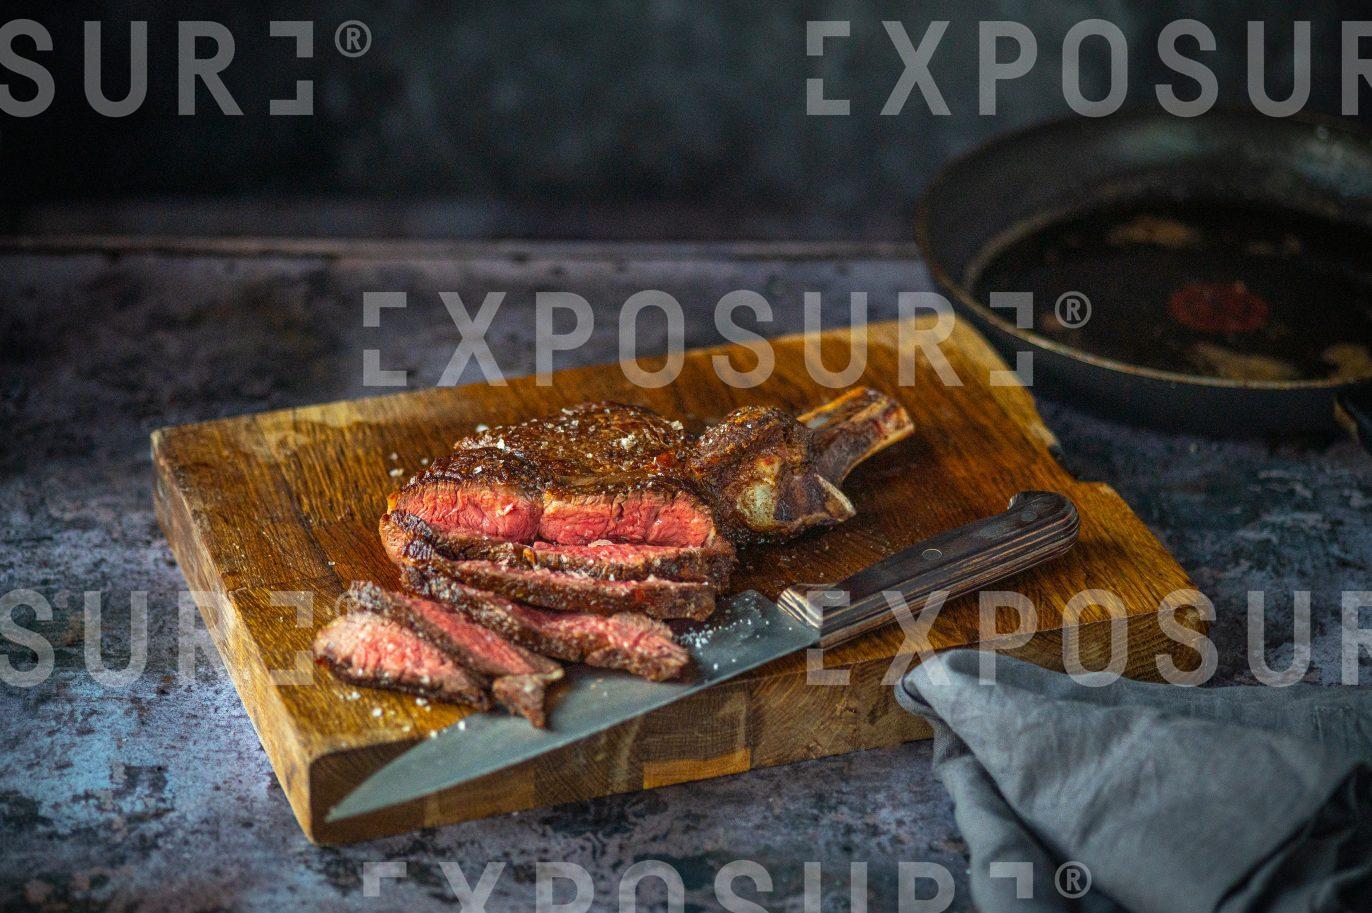 Medium-rare steak